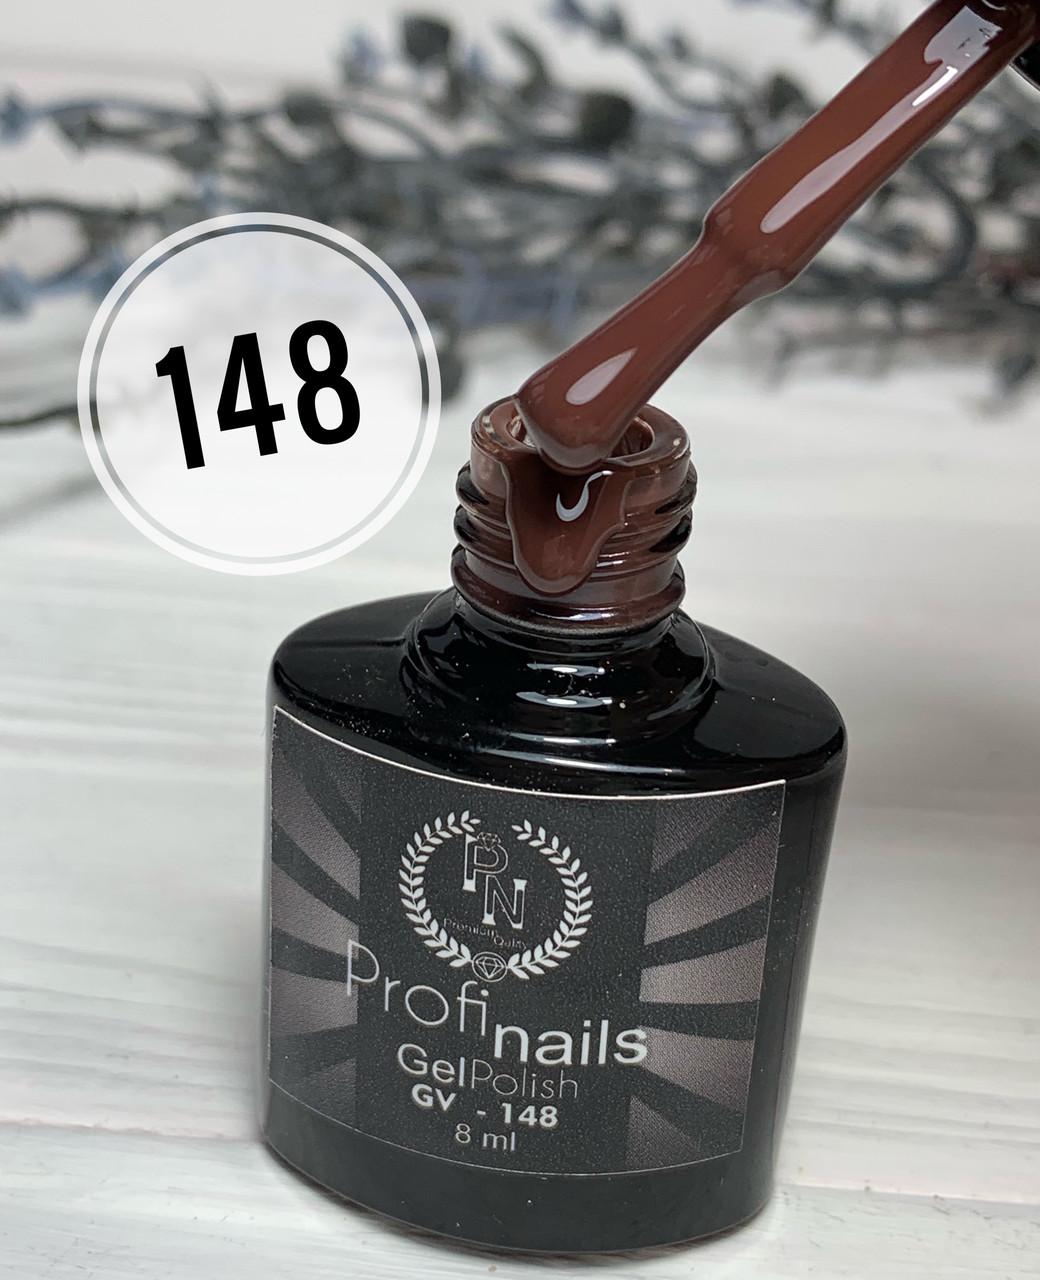 Гель лак Profi nails # 148